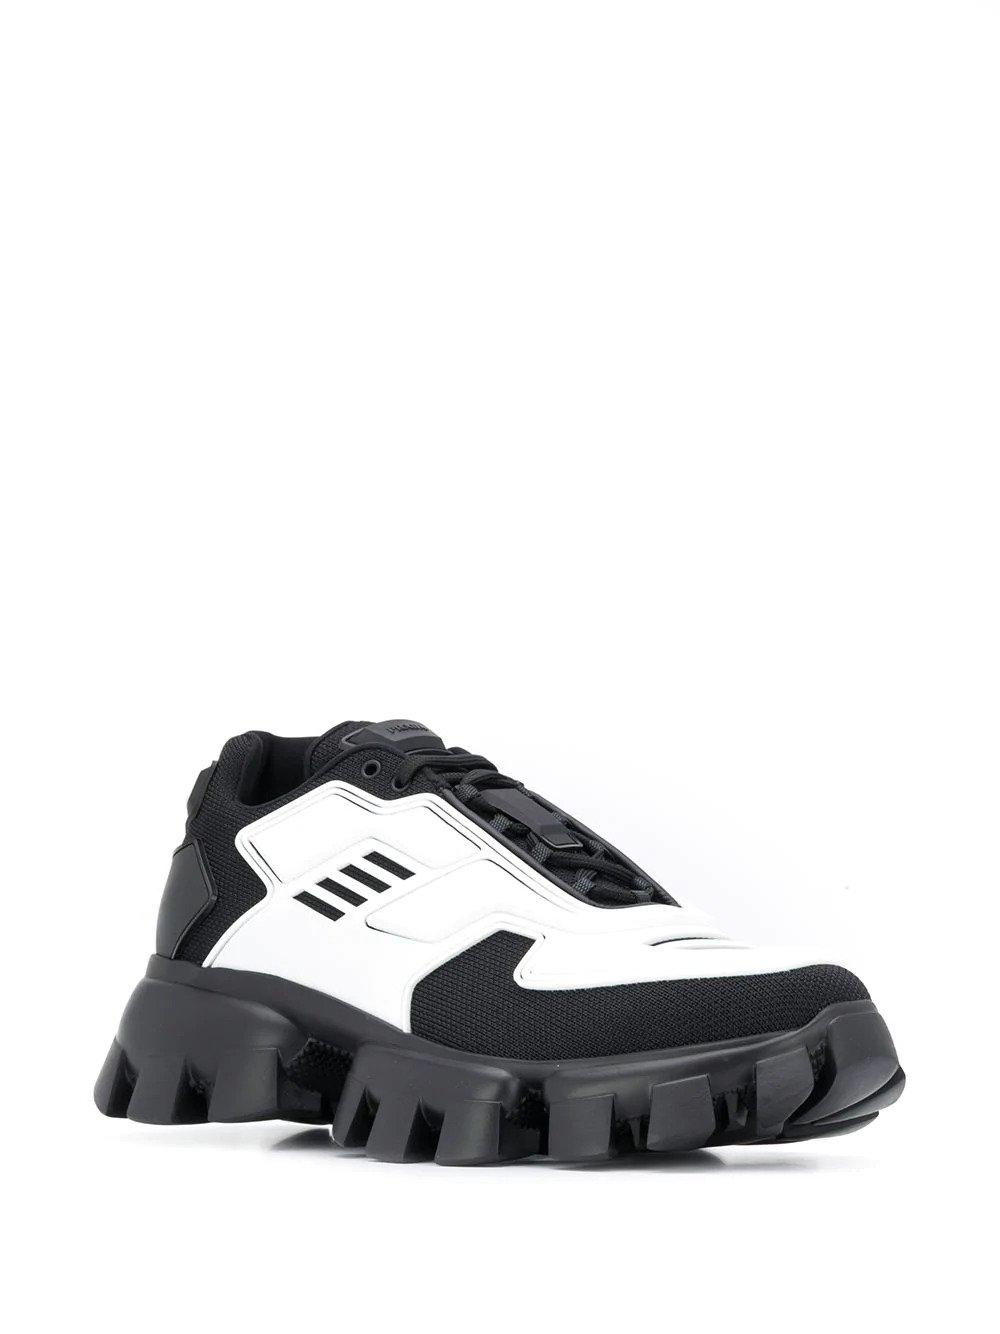 Cloudbust Thunder sneakers са смели, модерни и са дело на PRADA. Кецовете си пасват с доста стилове и точно затова ги обичаме много! Цена: 1 590 лв.